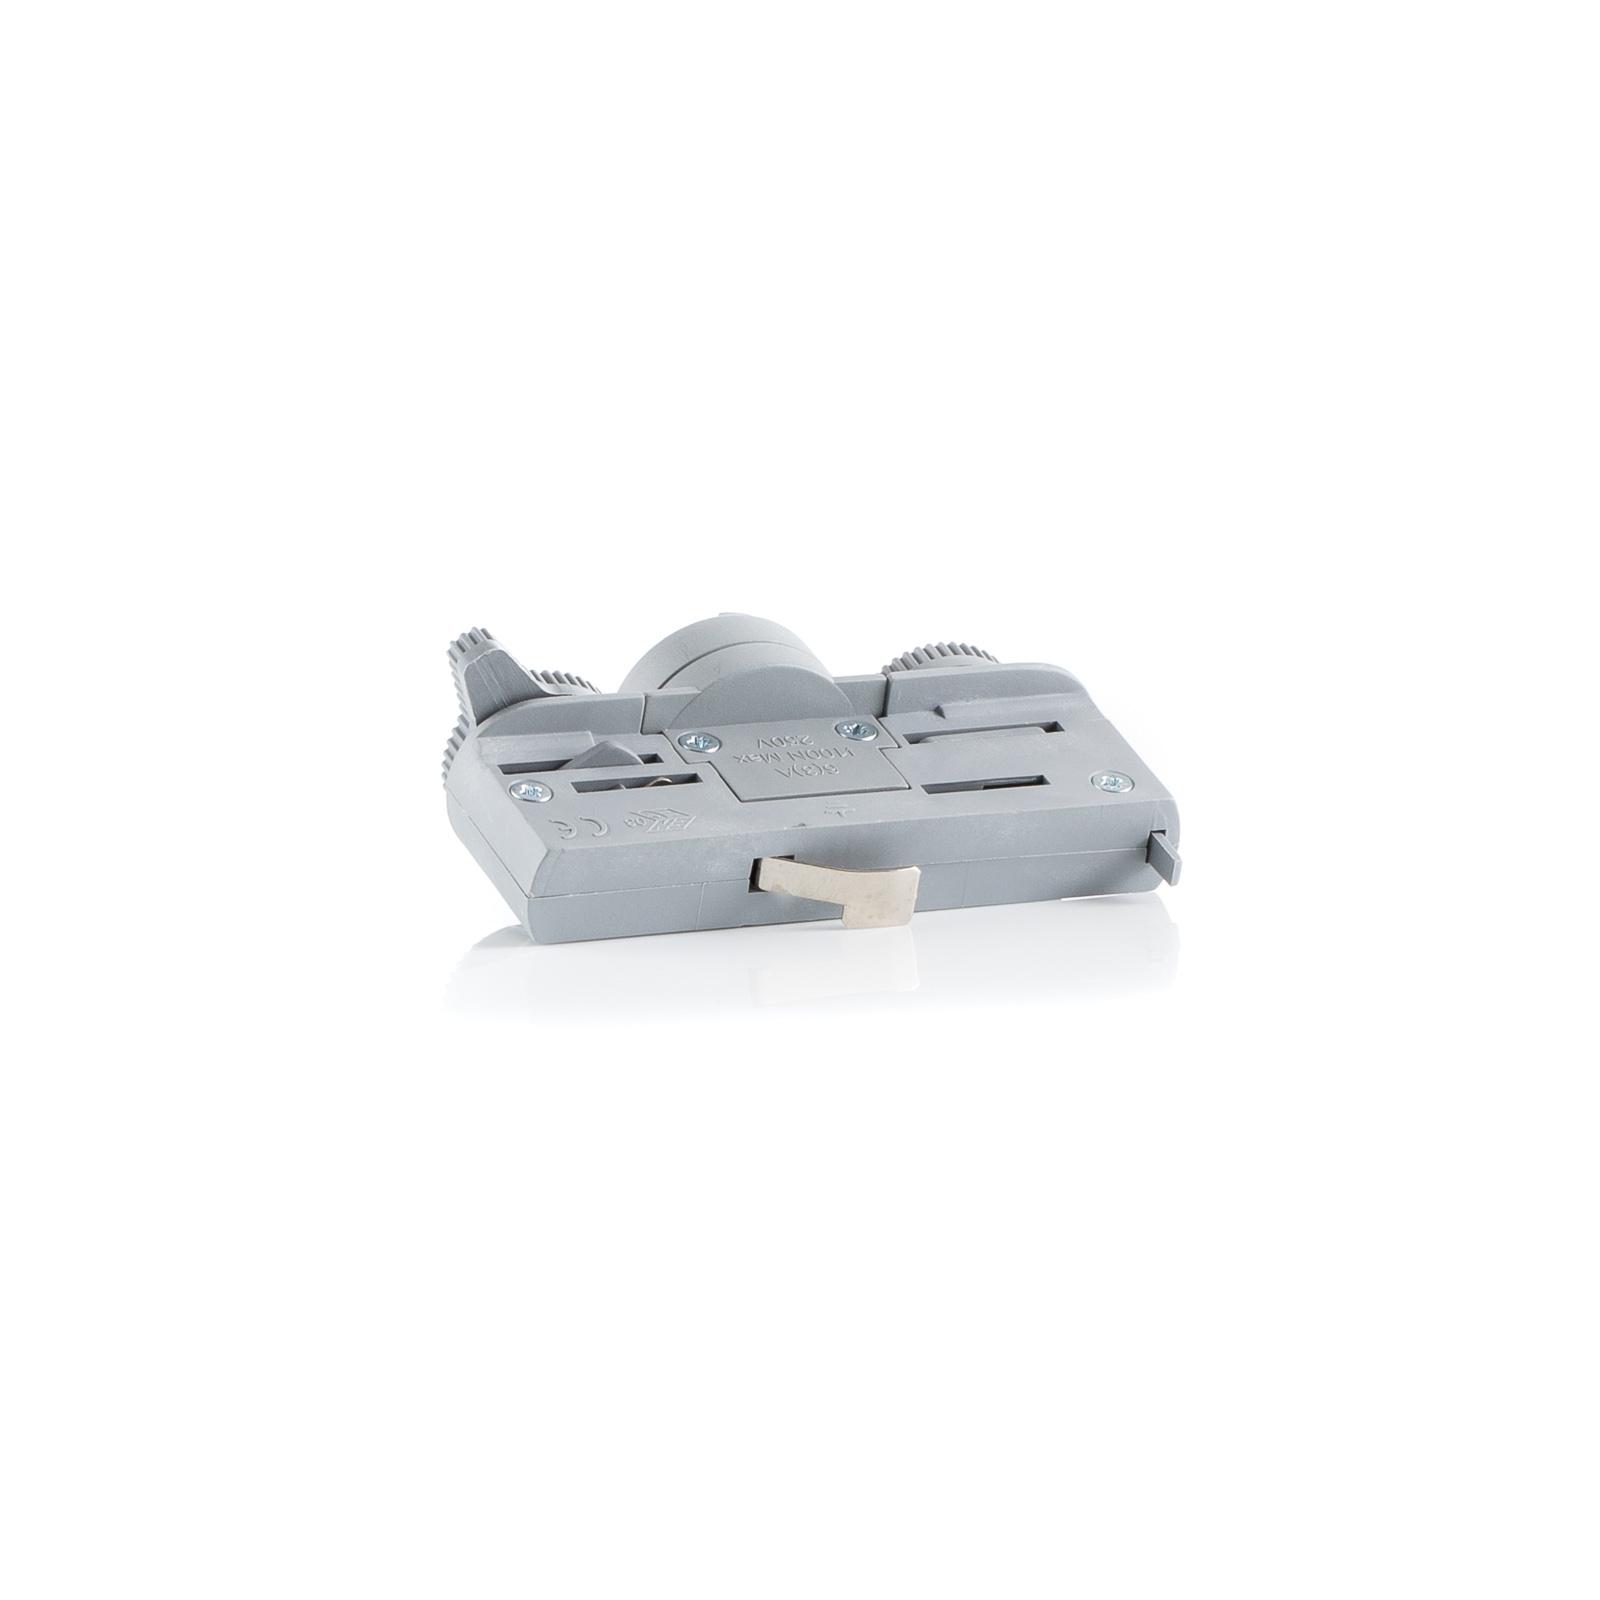 Ivela Adapter 3-Phasen 220-240V 10kg, silber